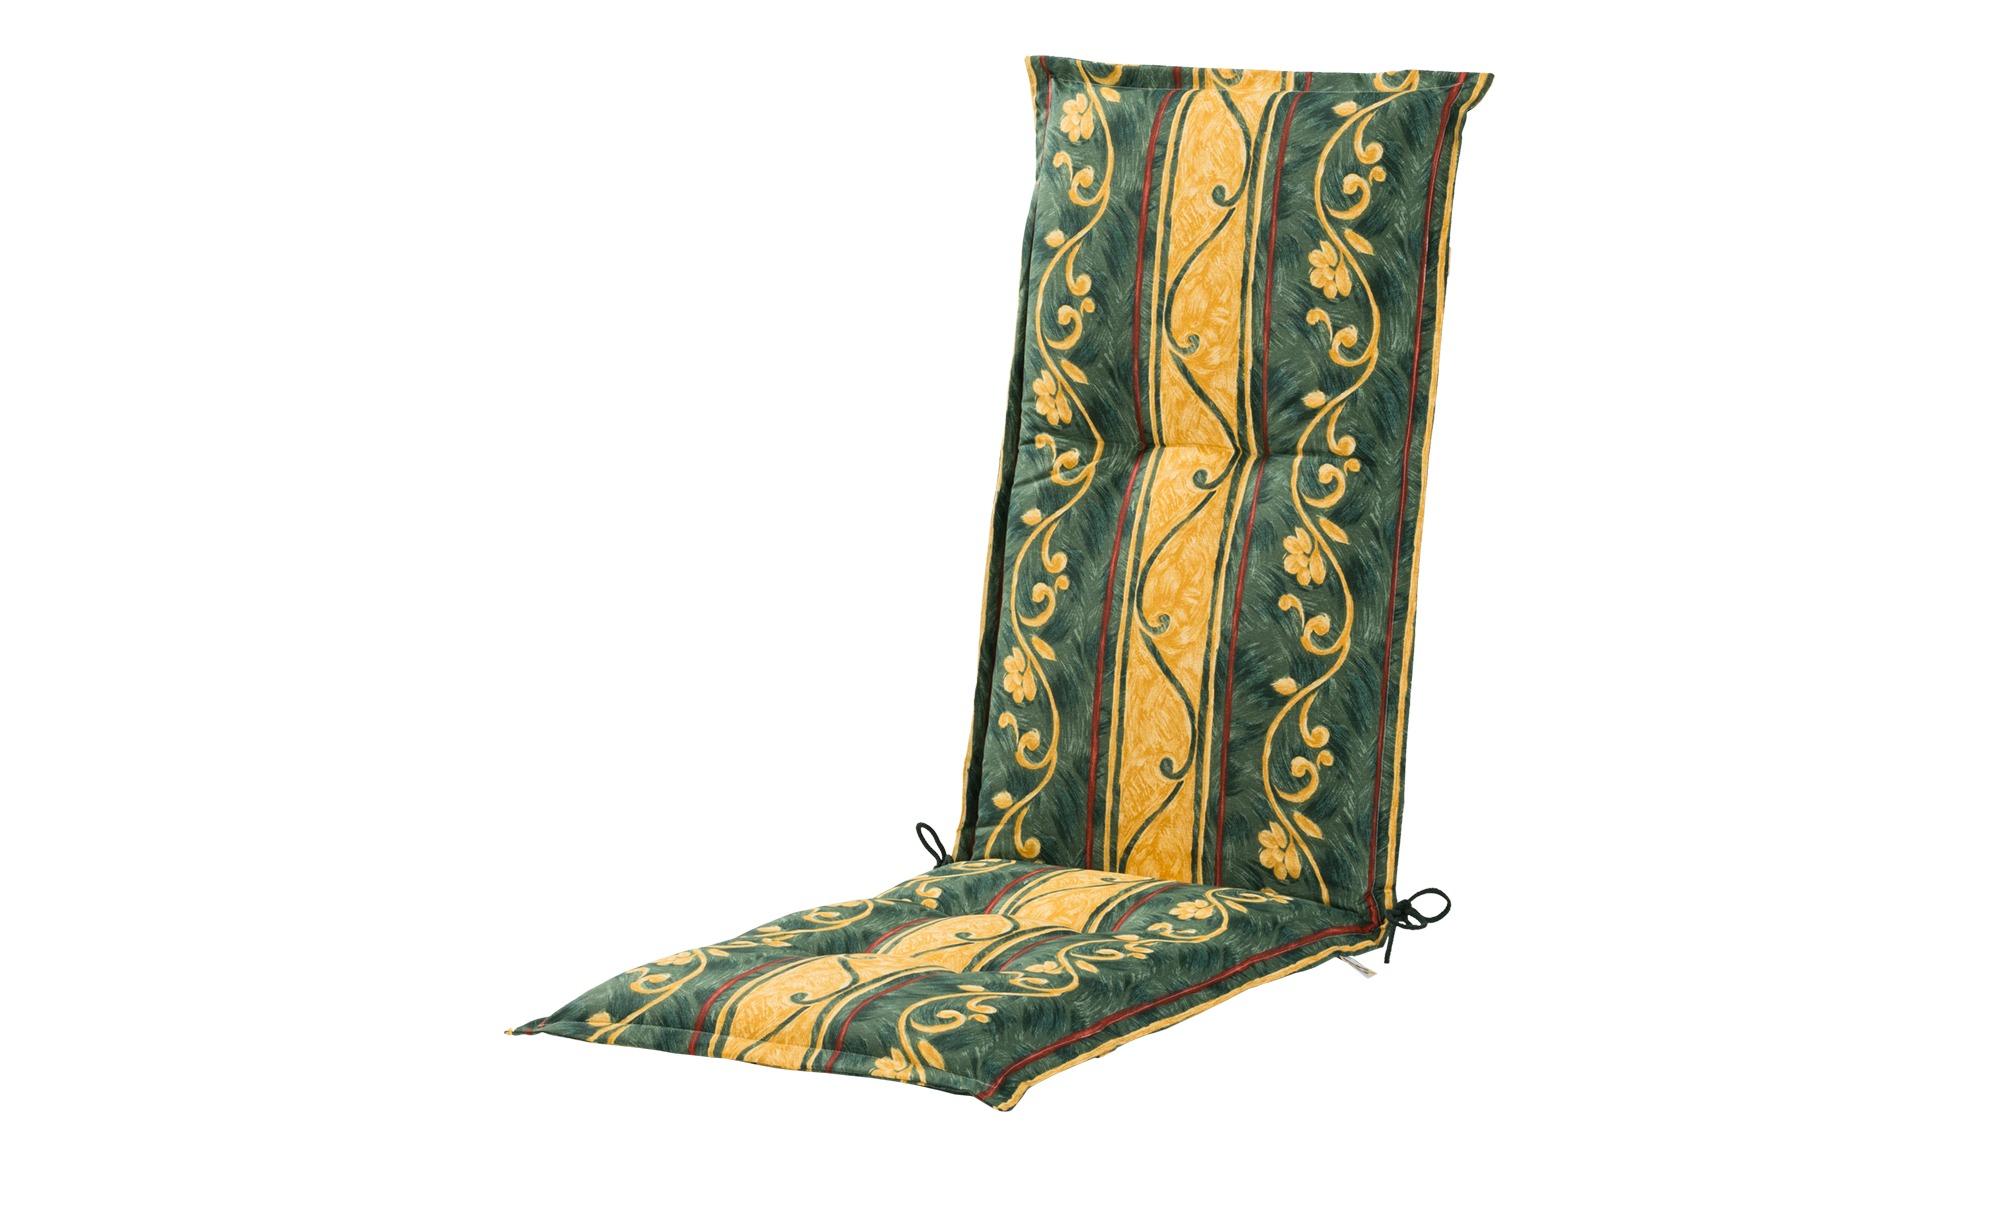 Relaxauflage  Sonate ¦ grün ¦ Druckstoff, 75% Baumwolle, 25% Polyester ¦ Maße (cm): B: 50 H: 8 Garten > Auflagen & Kissen > Sonstige Sitzkissen - Höffner